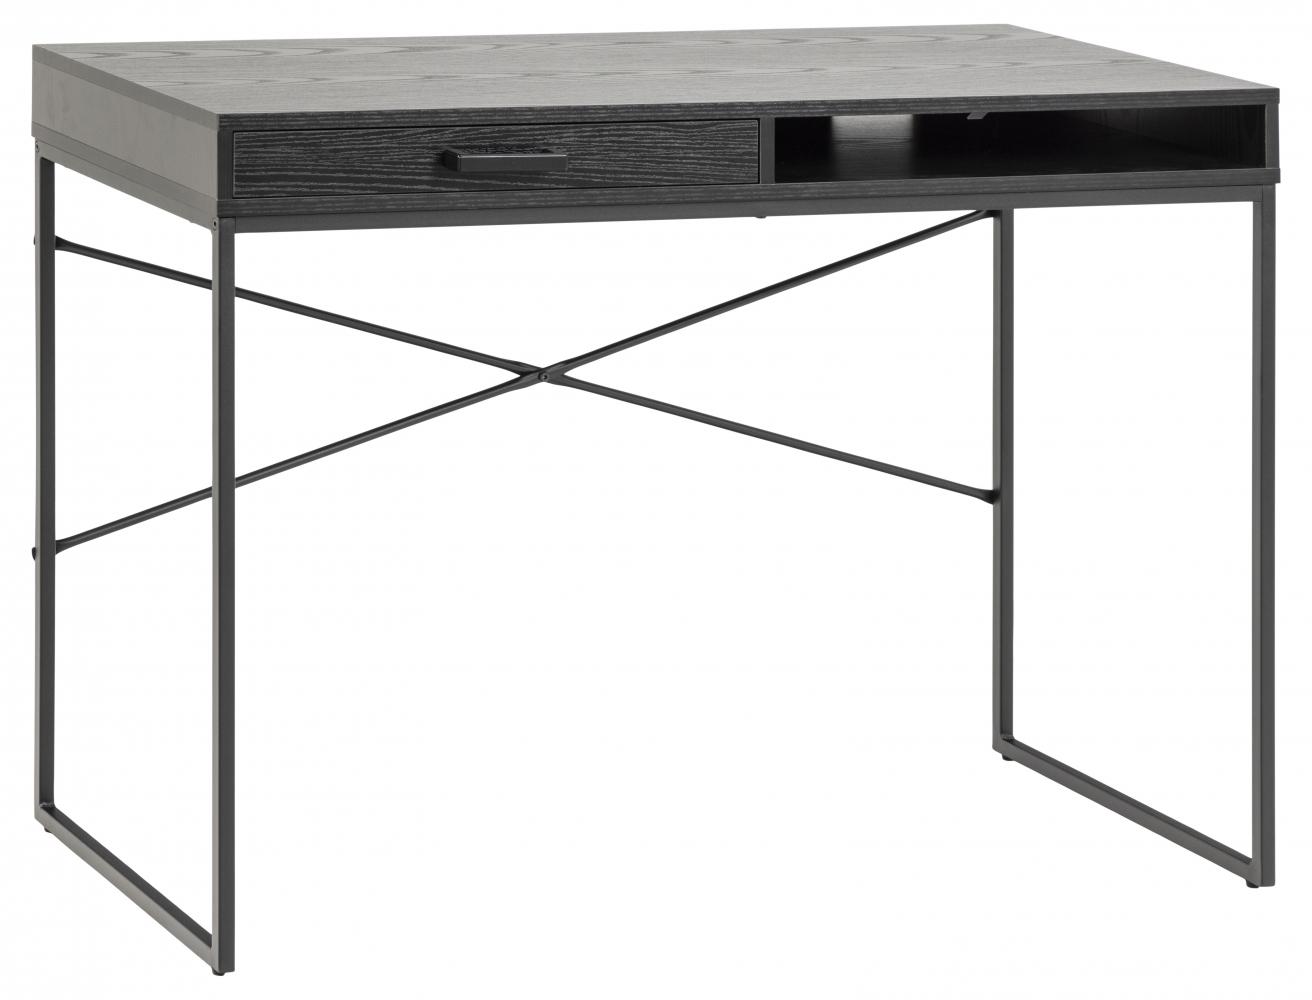 Pracovní stůl Seaford, 110 cm, MDF, černá